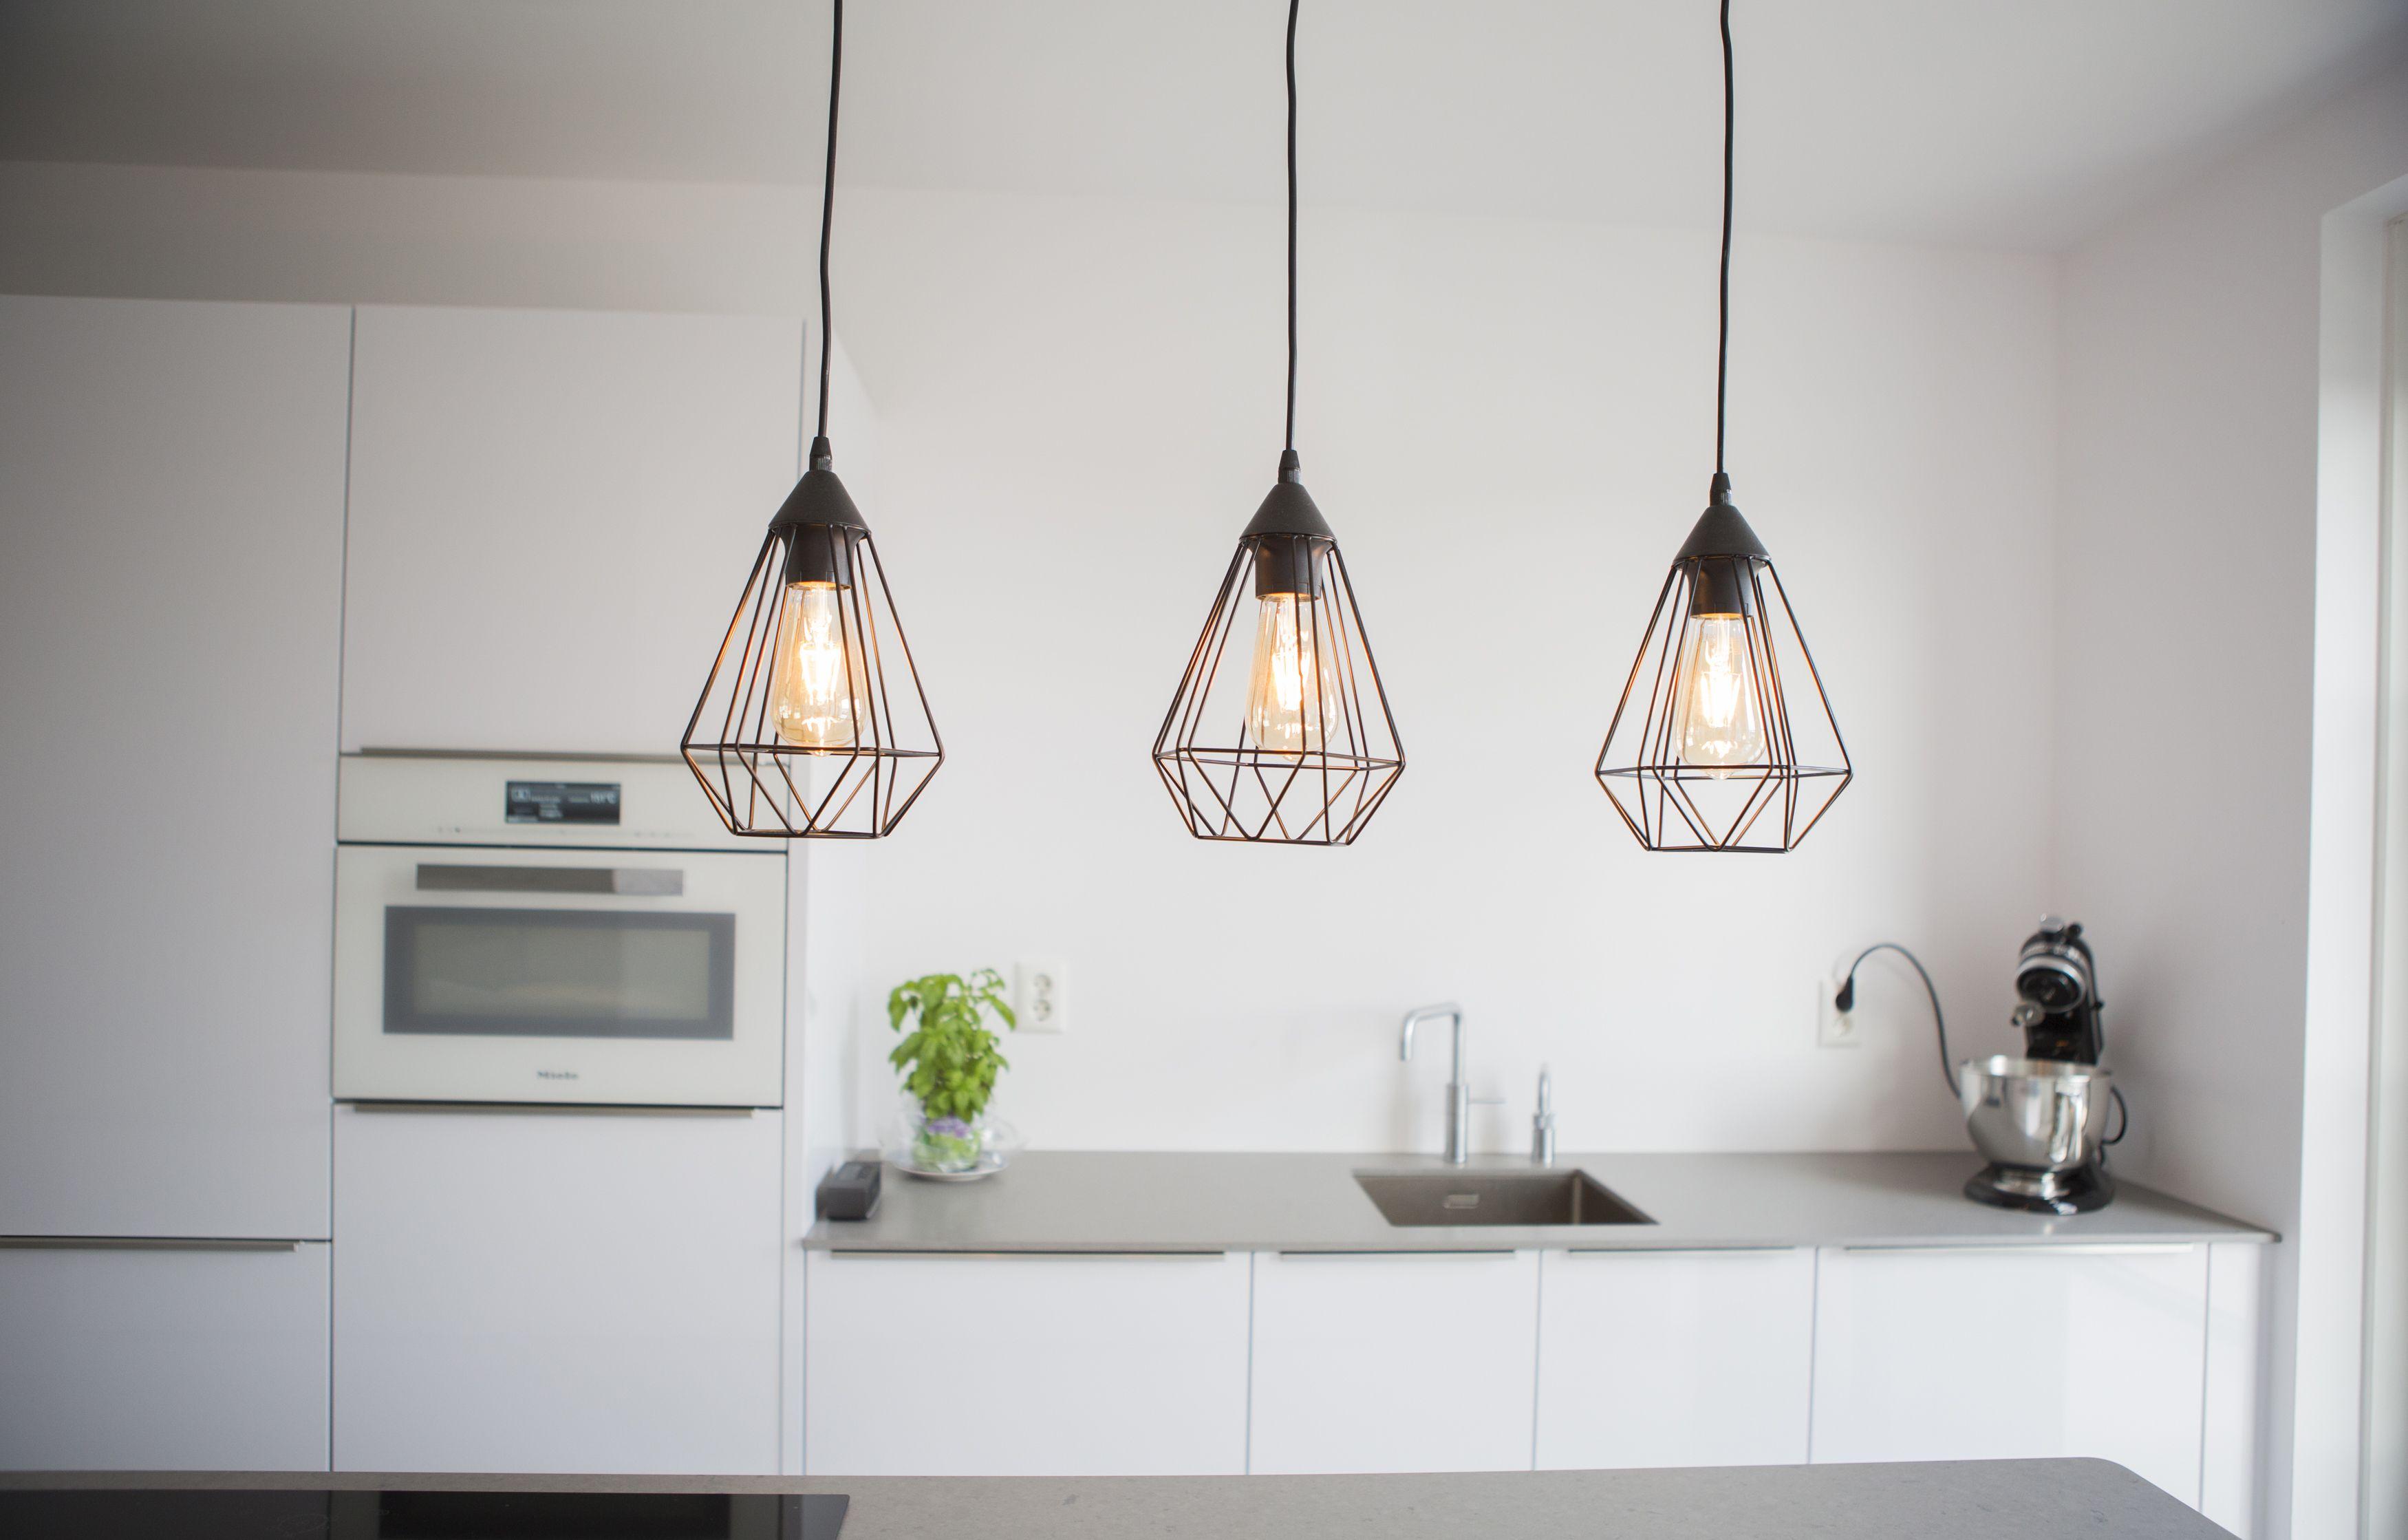 Moderne Retro Keuken : Geef een hippe touch aan je moderne keuken met deze retro lampen